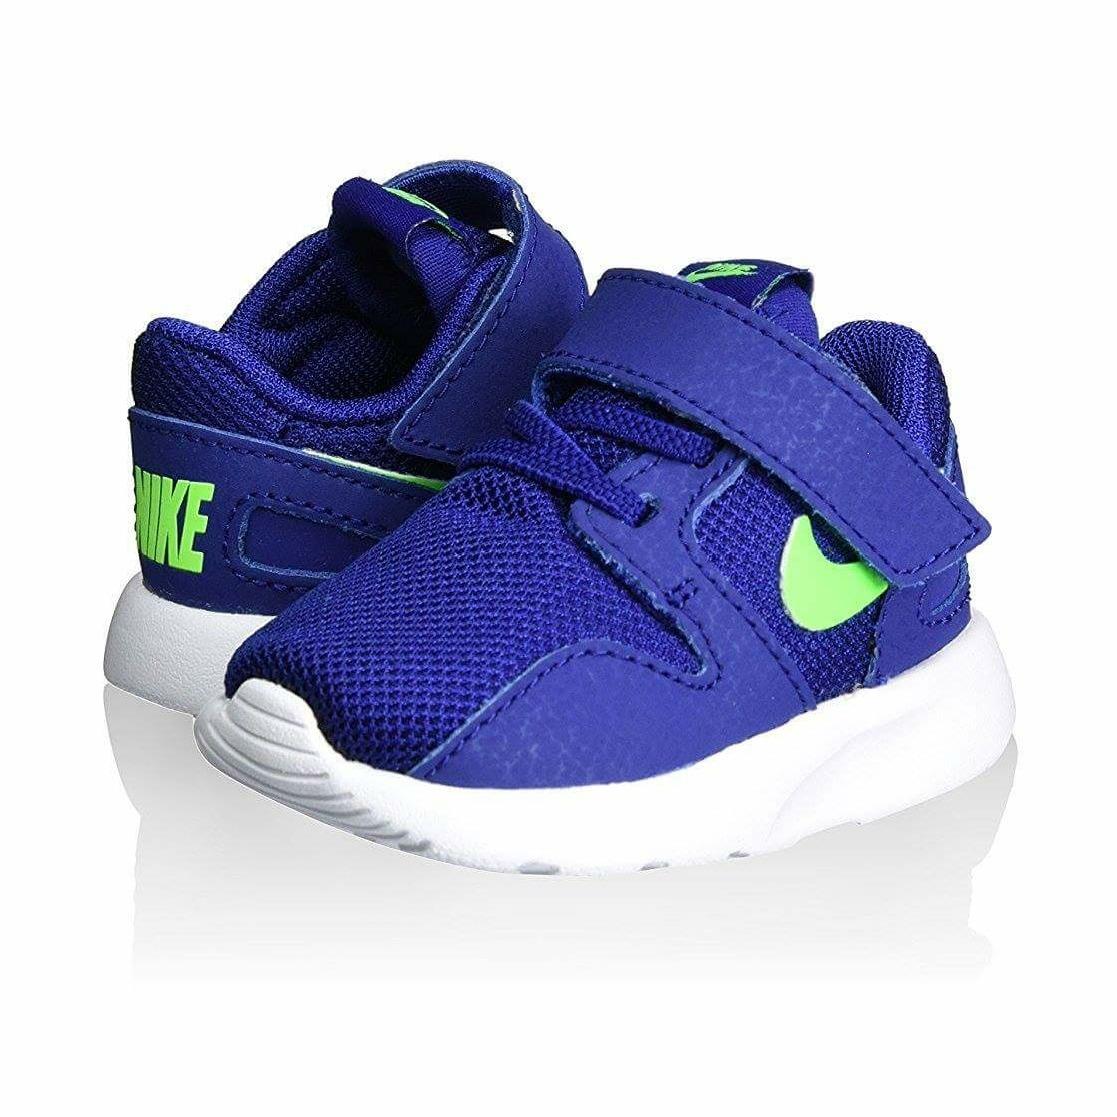 6d2581e74 Tenis Nike Kaishi Azul Bebe -   799.00 en Mercado Libre